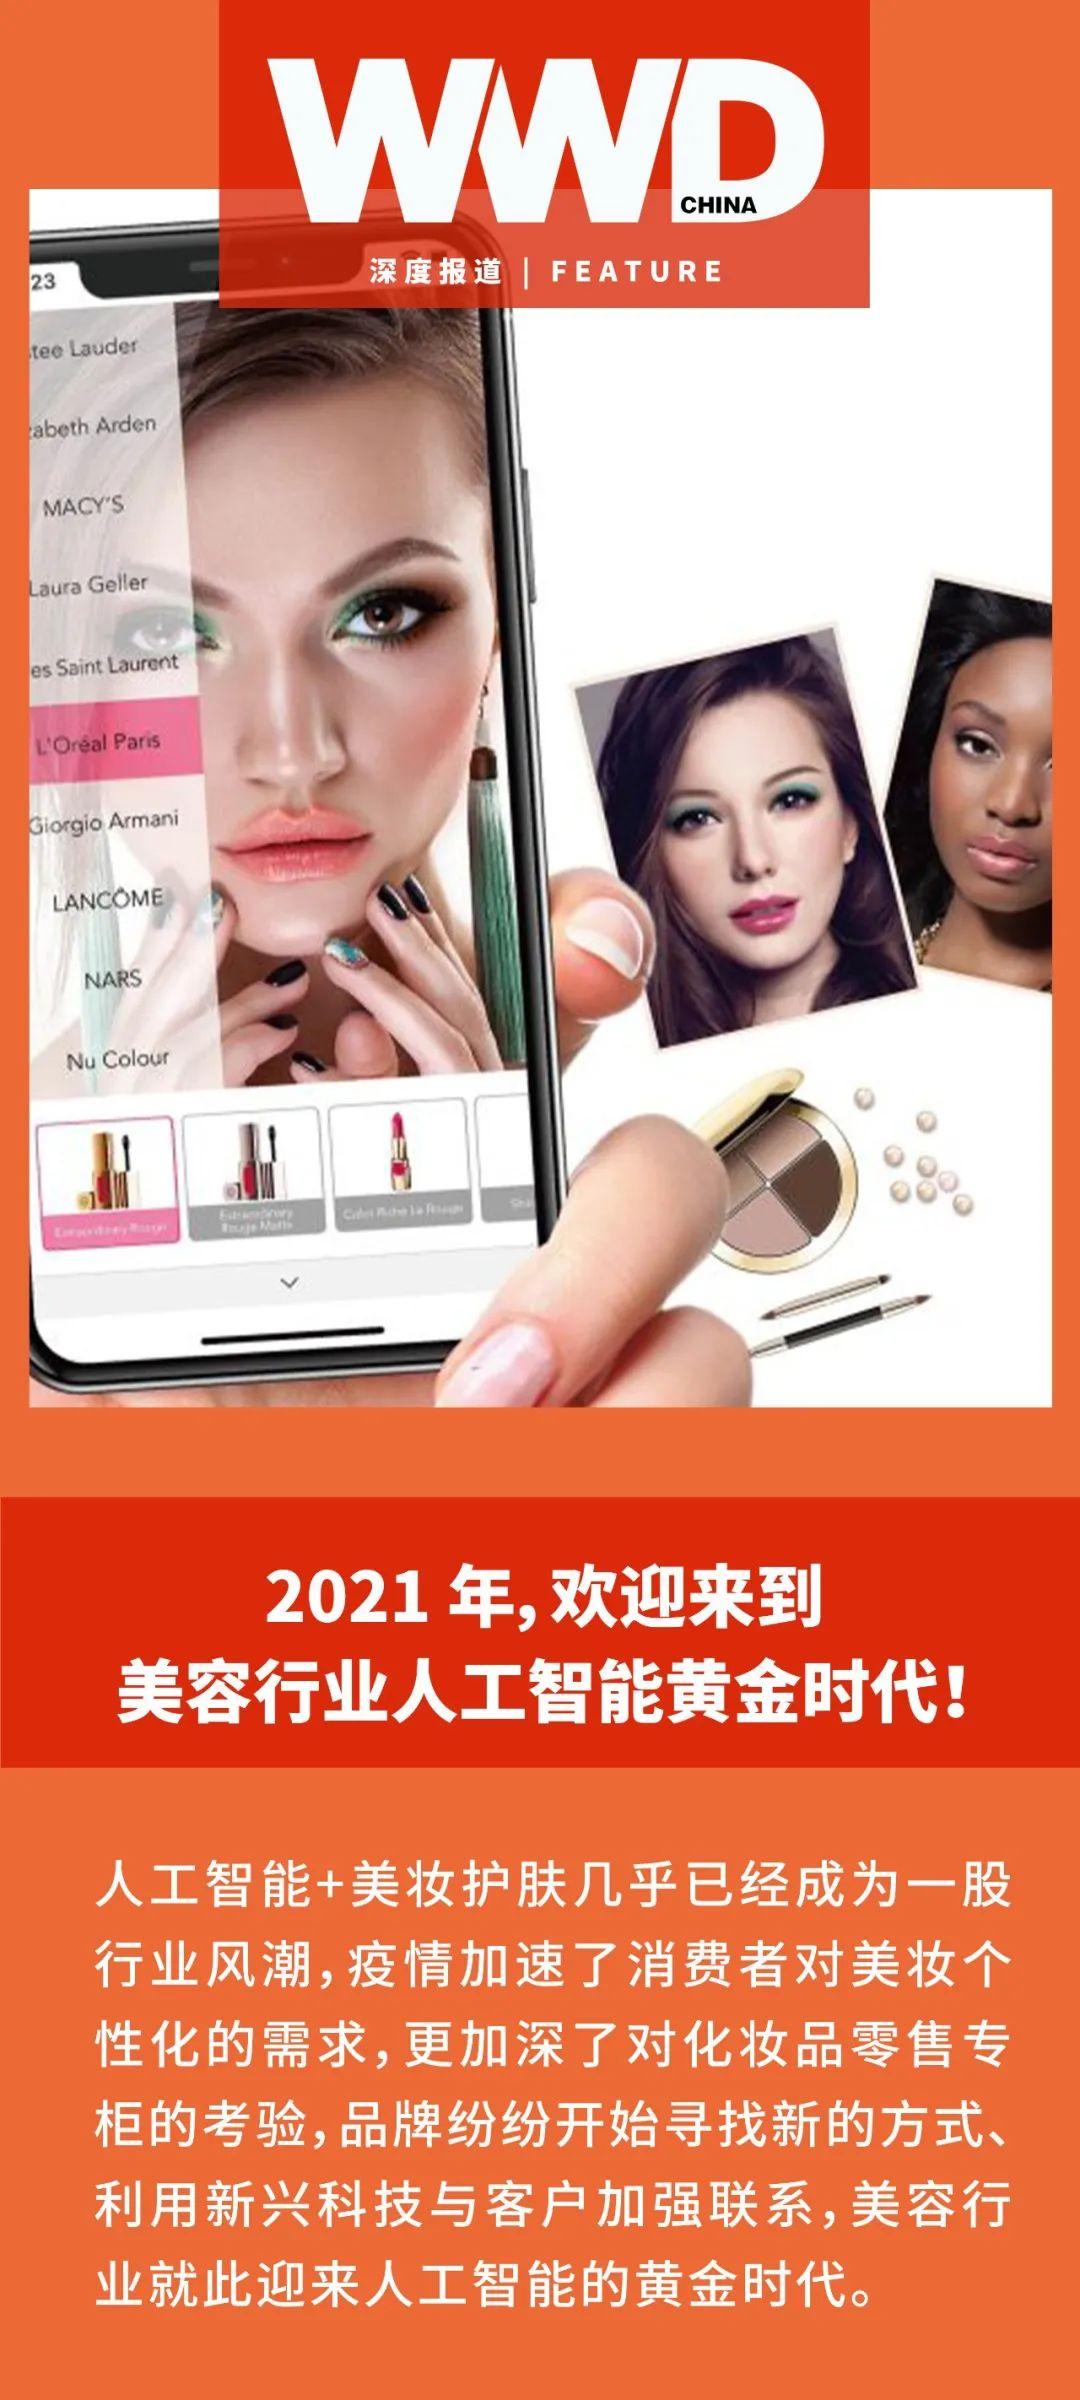 深度报道丨2021 年,欢迎来到美容行业人工智能黄金时代